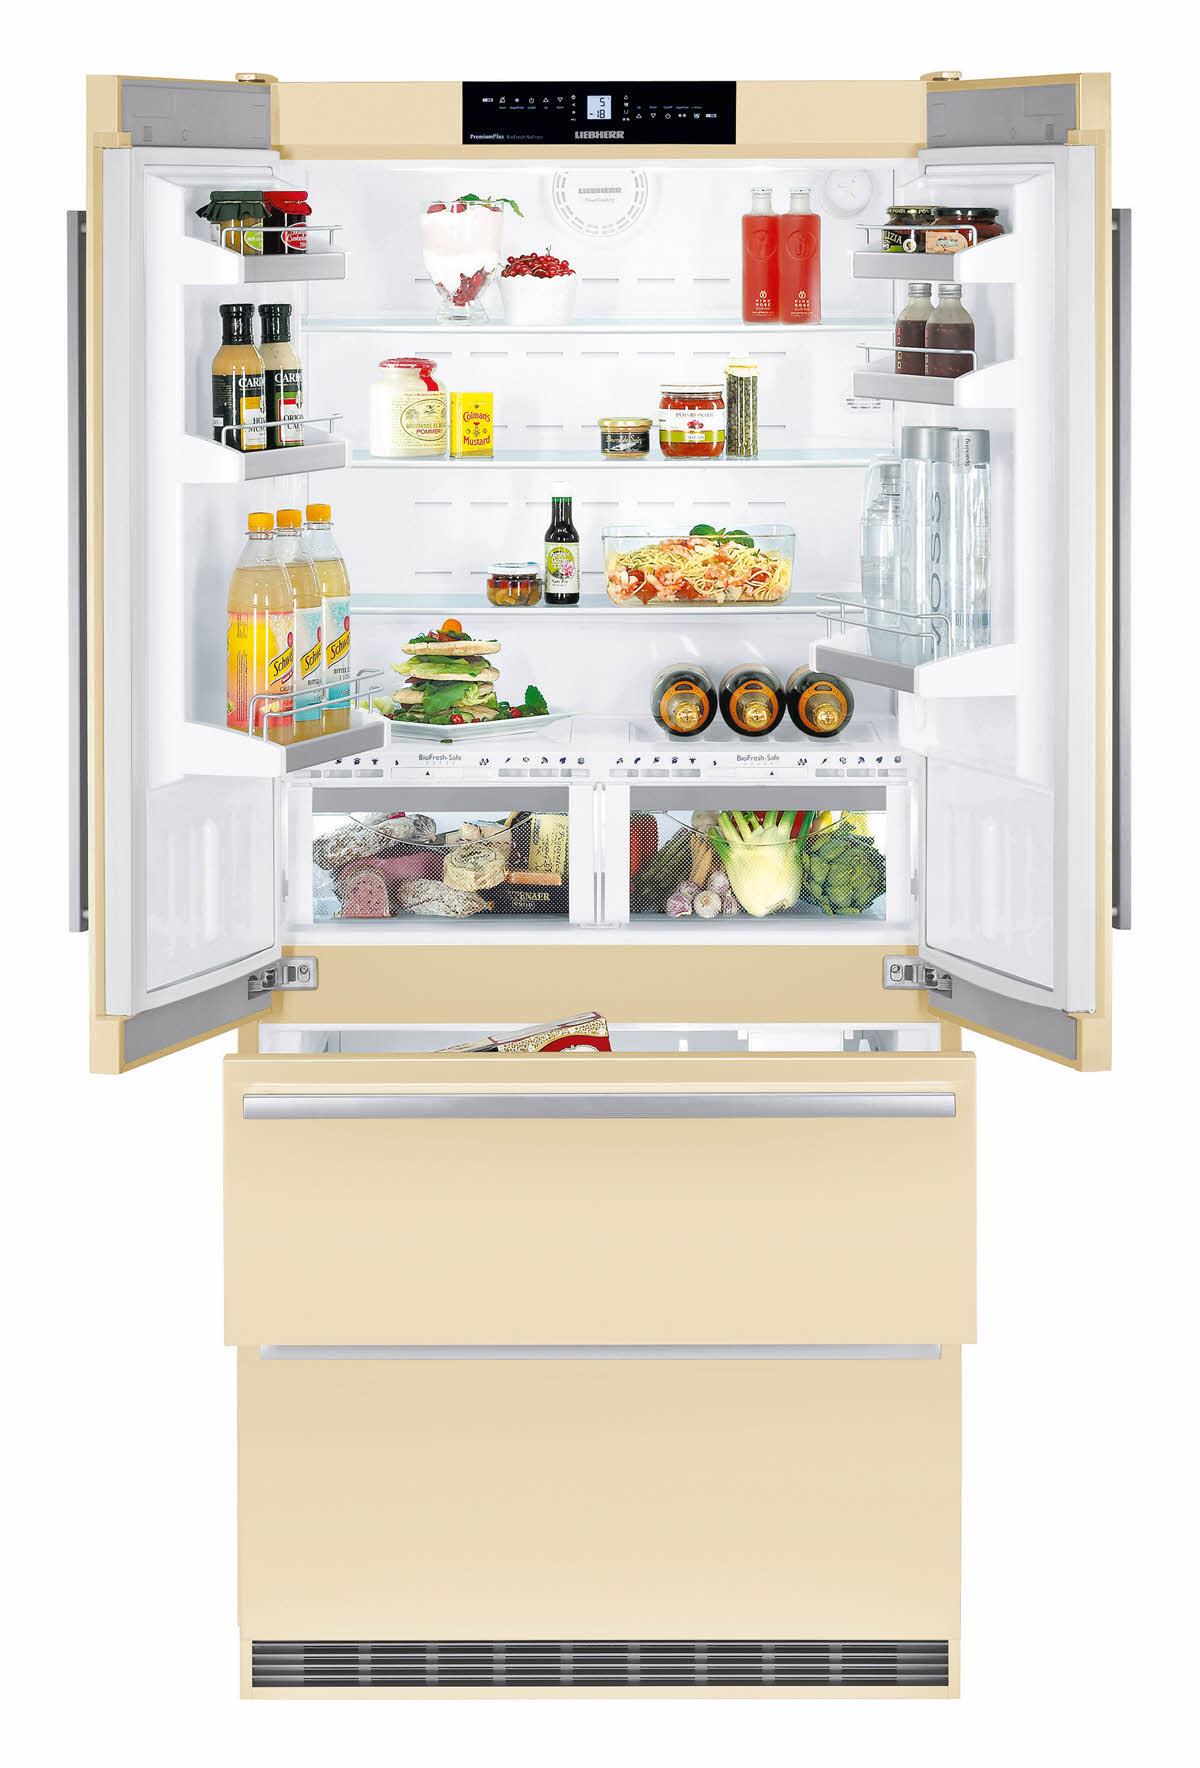 как включить холодильник либхер 30560 инструкция